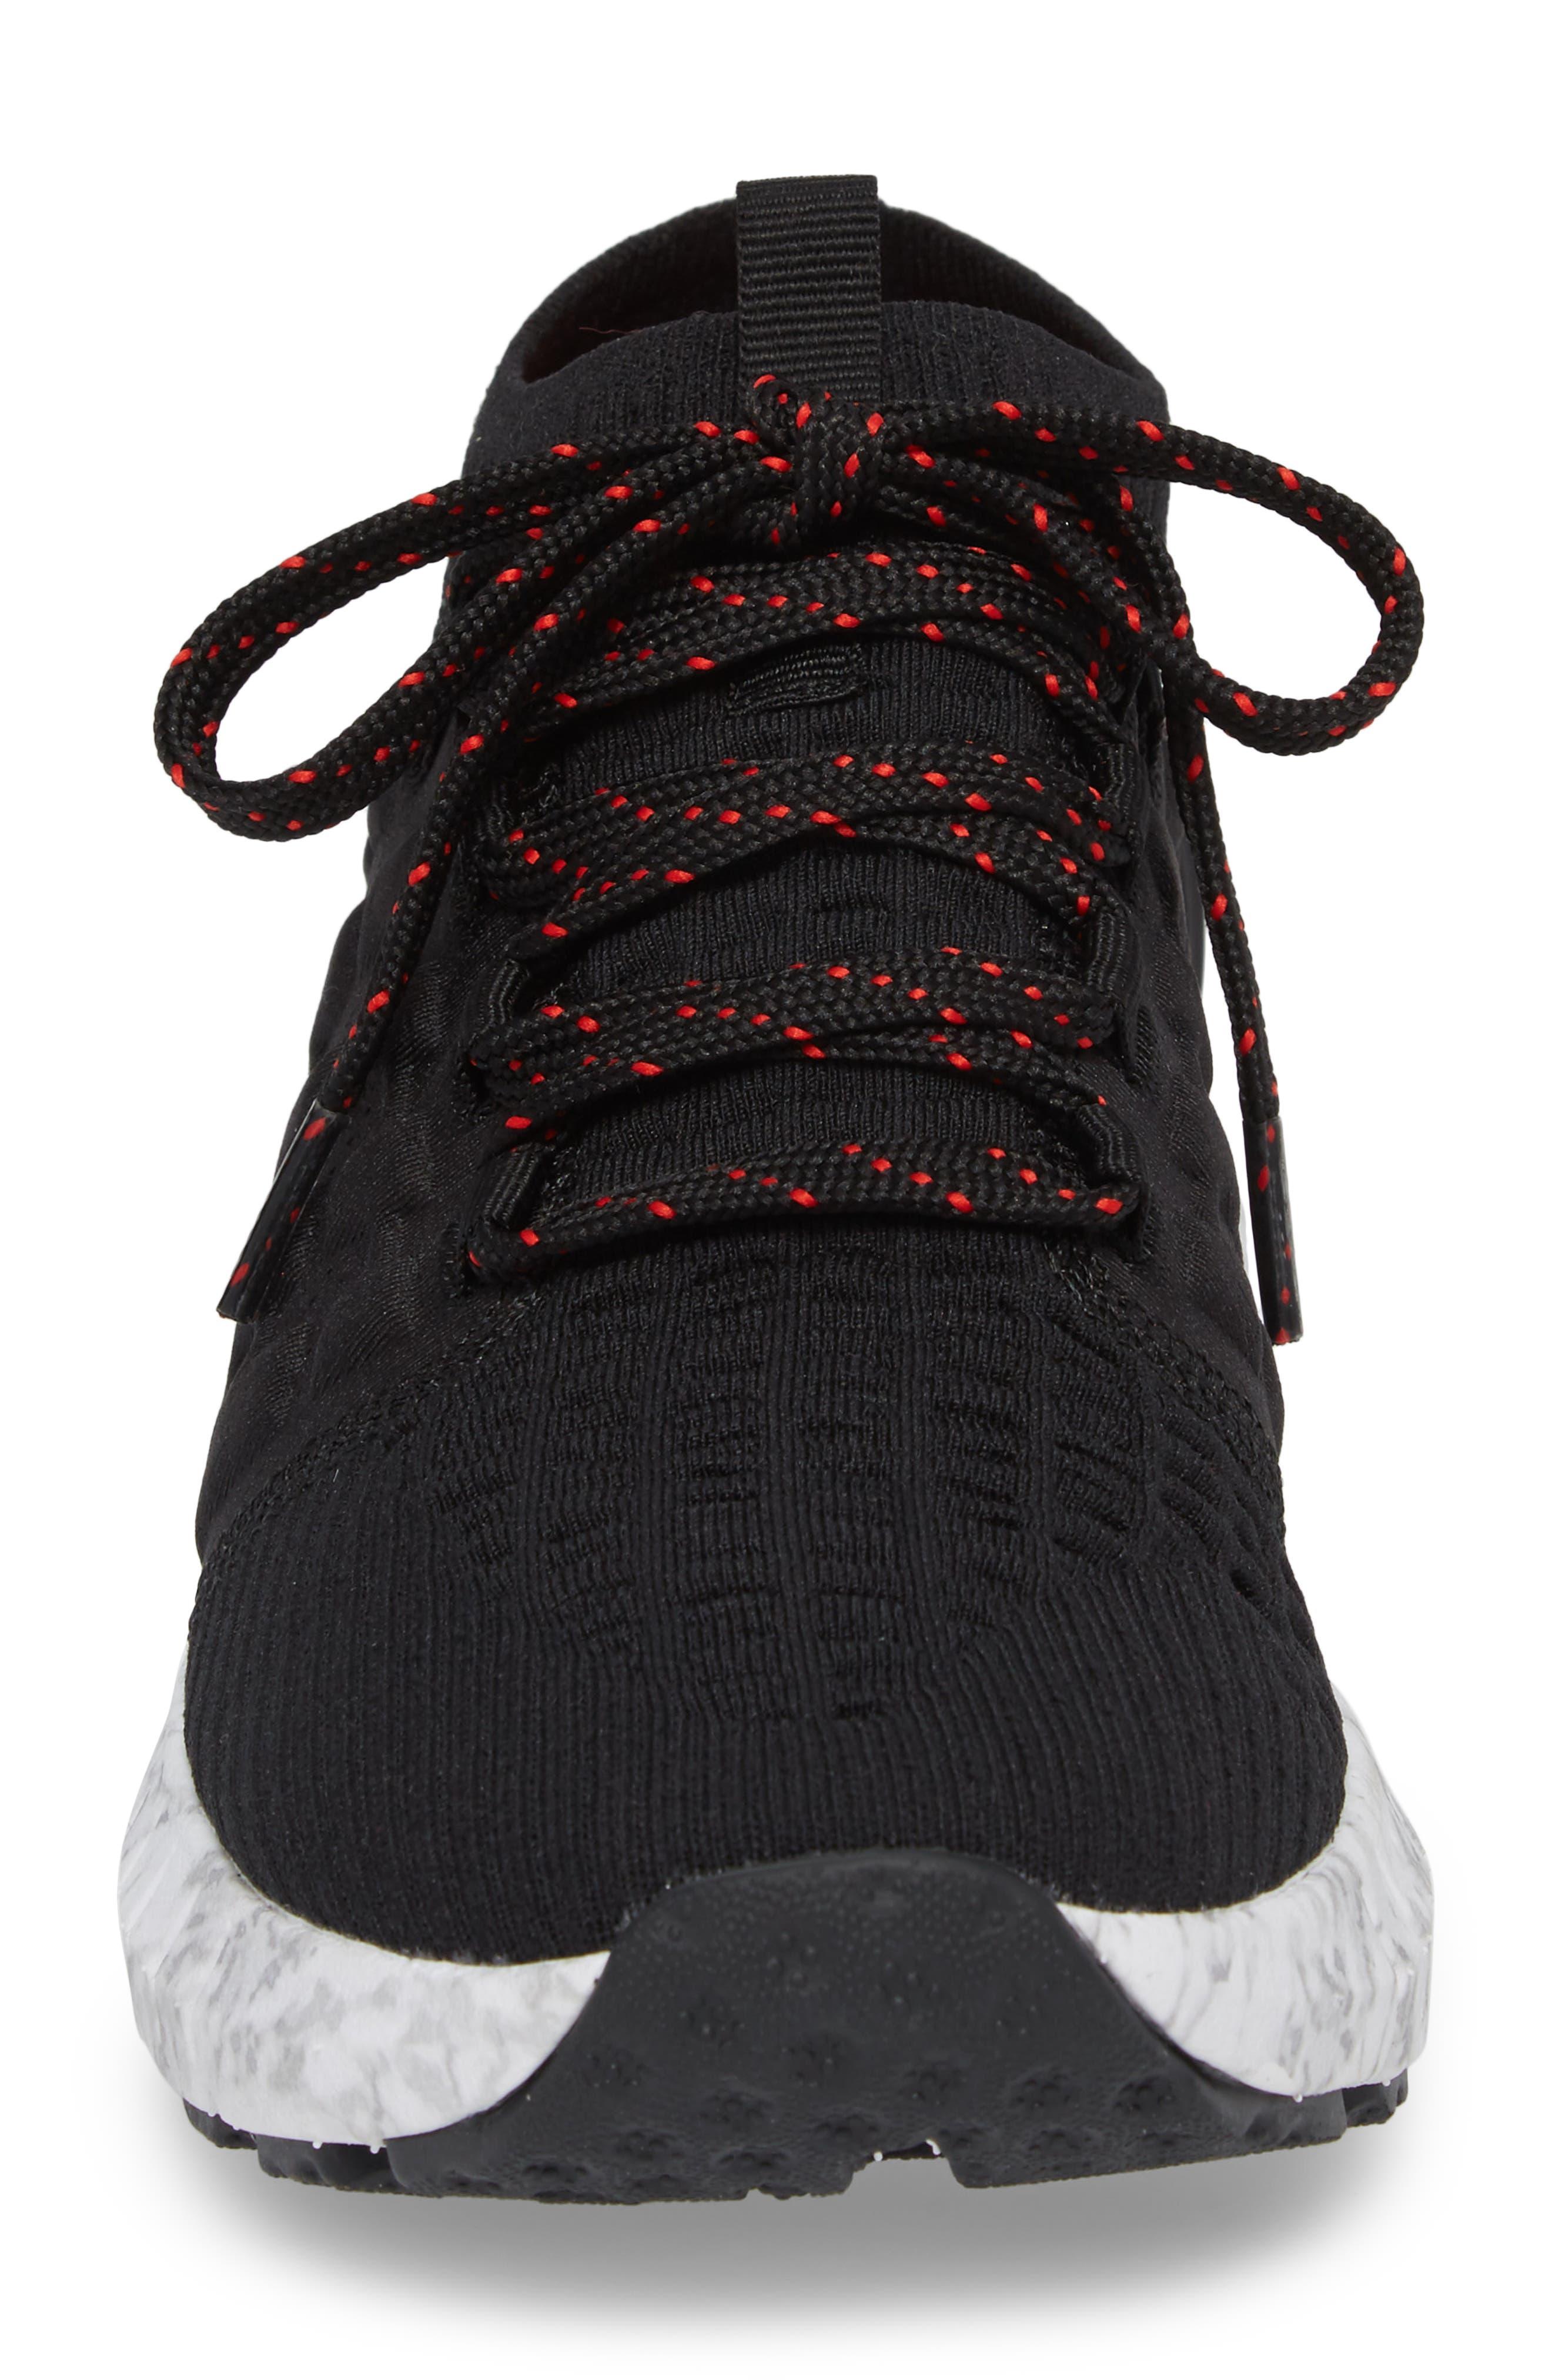 HOVR Phantom NC Sneaker,                             Alternate thumbnail 4, color,                             BLACK/ WHITE/ RED